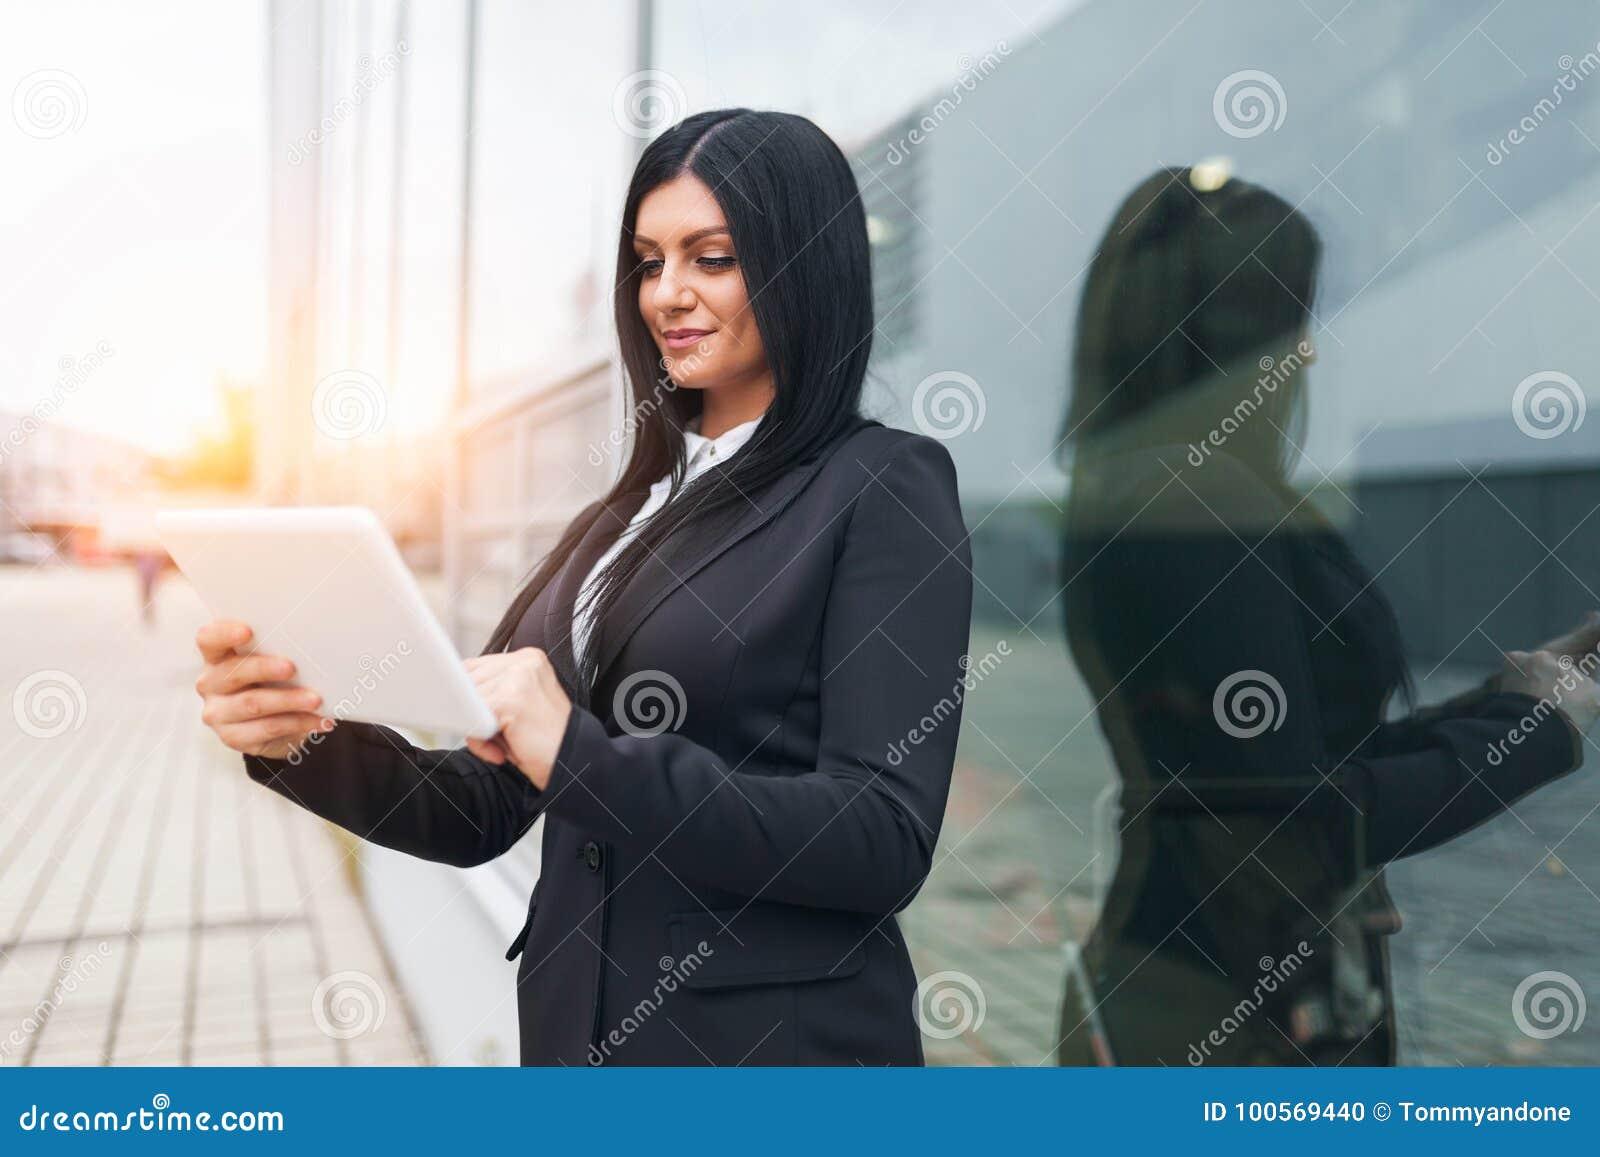 Επιτυχής επιχειρησιακή γυναίκα που εργάζεται με την ταμπλέτα σε μια αστική ρύθμιση